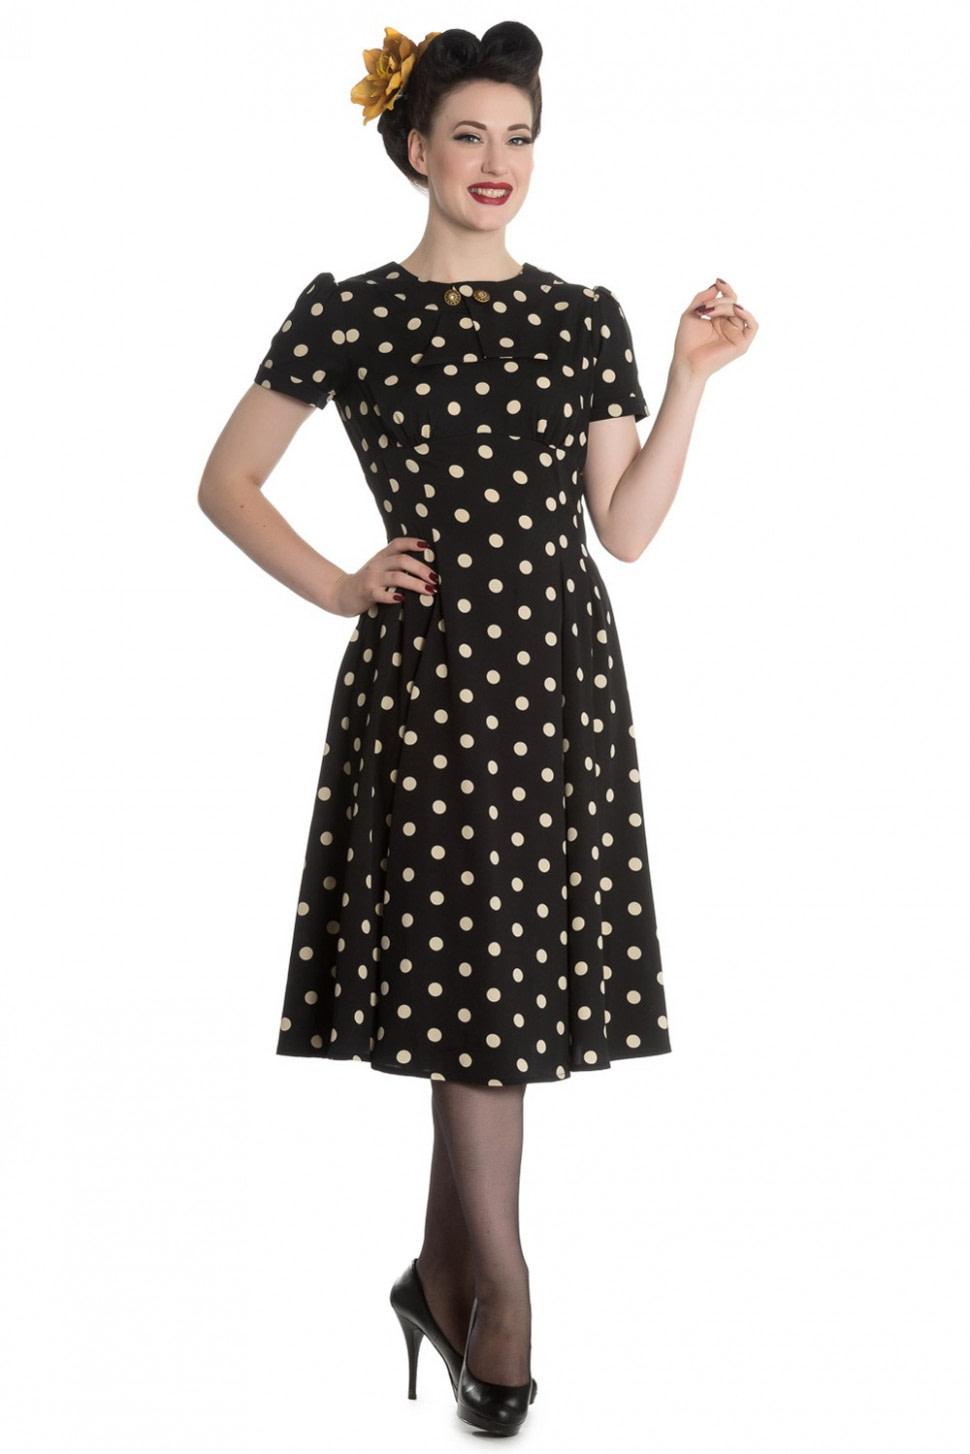 Schönheit Madden 15er Jahre retro Polka Dots Kleid v. Hell Bunny  Suicide Glam